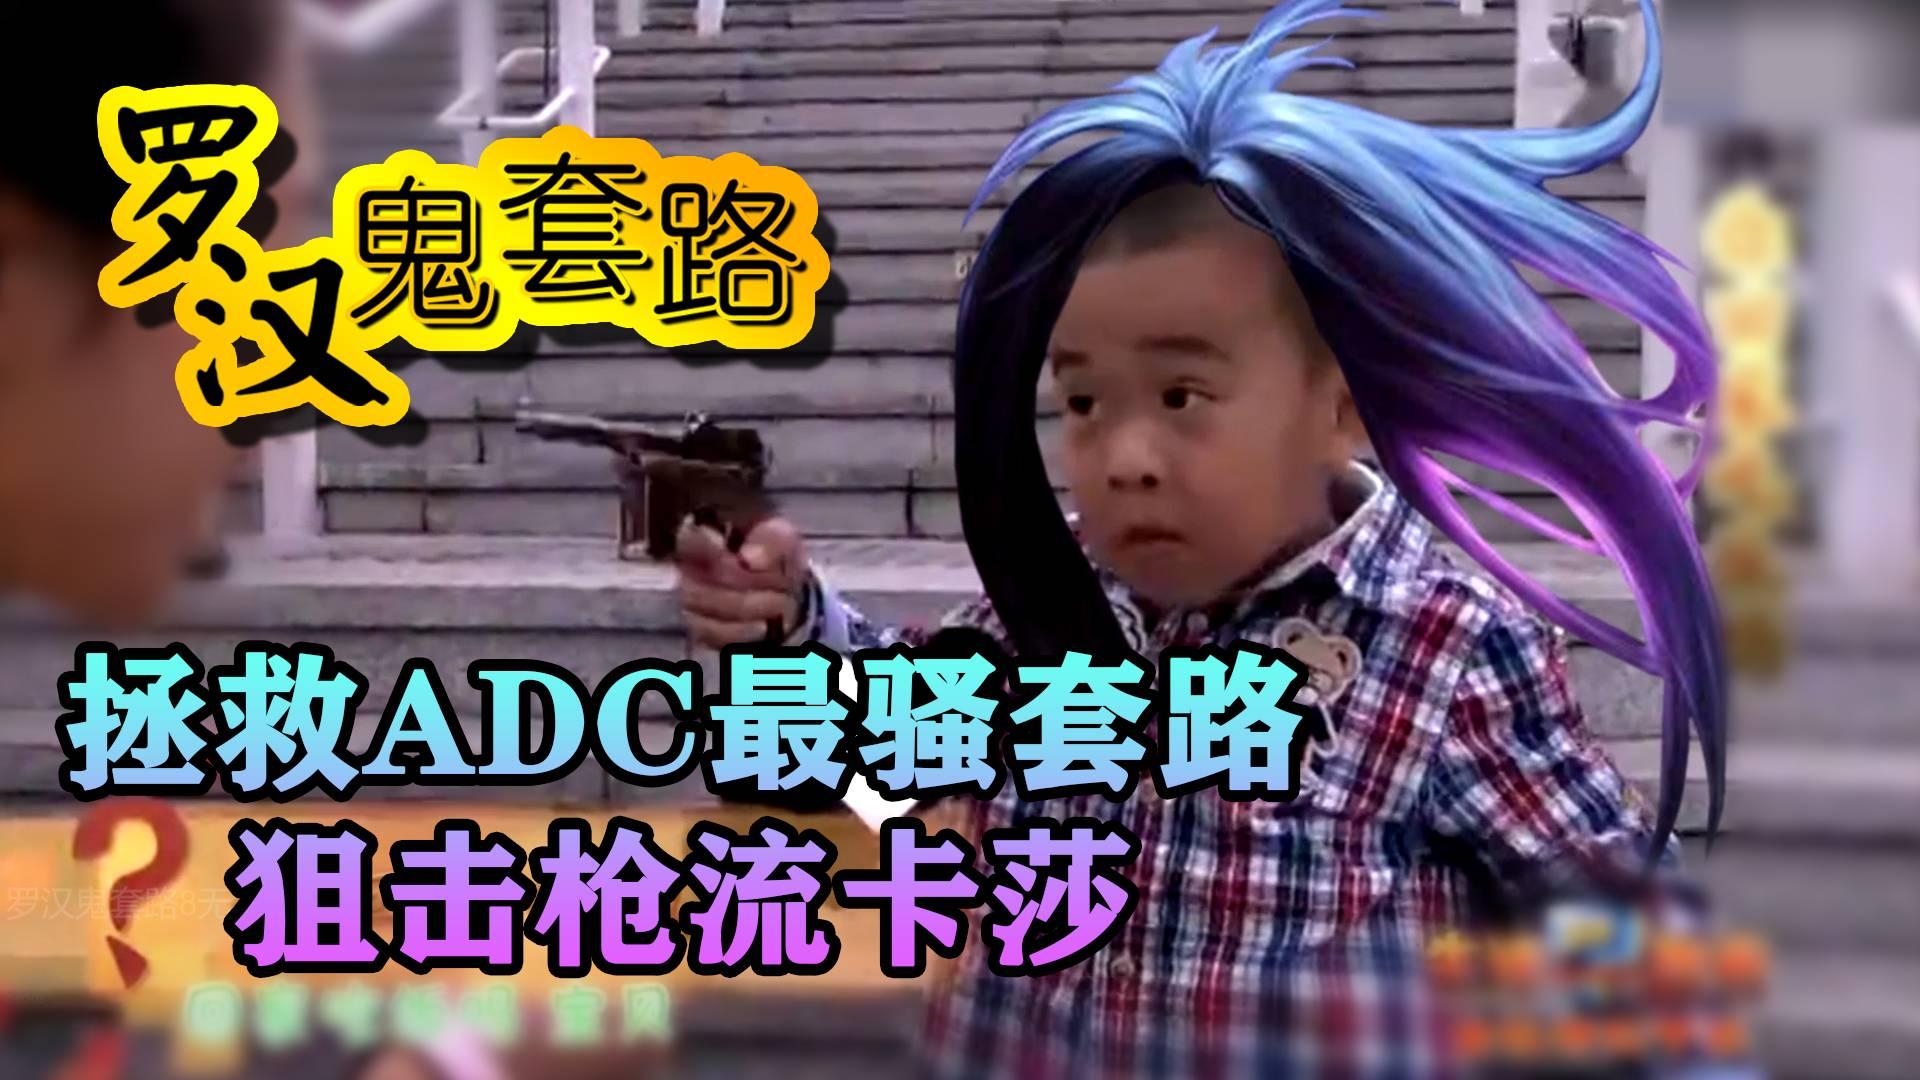 【罗汉鬼套路】拯救ADC最骚套路 把LOL玩成CF